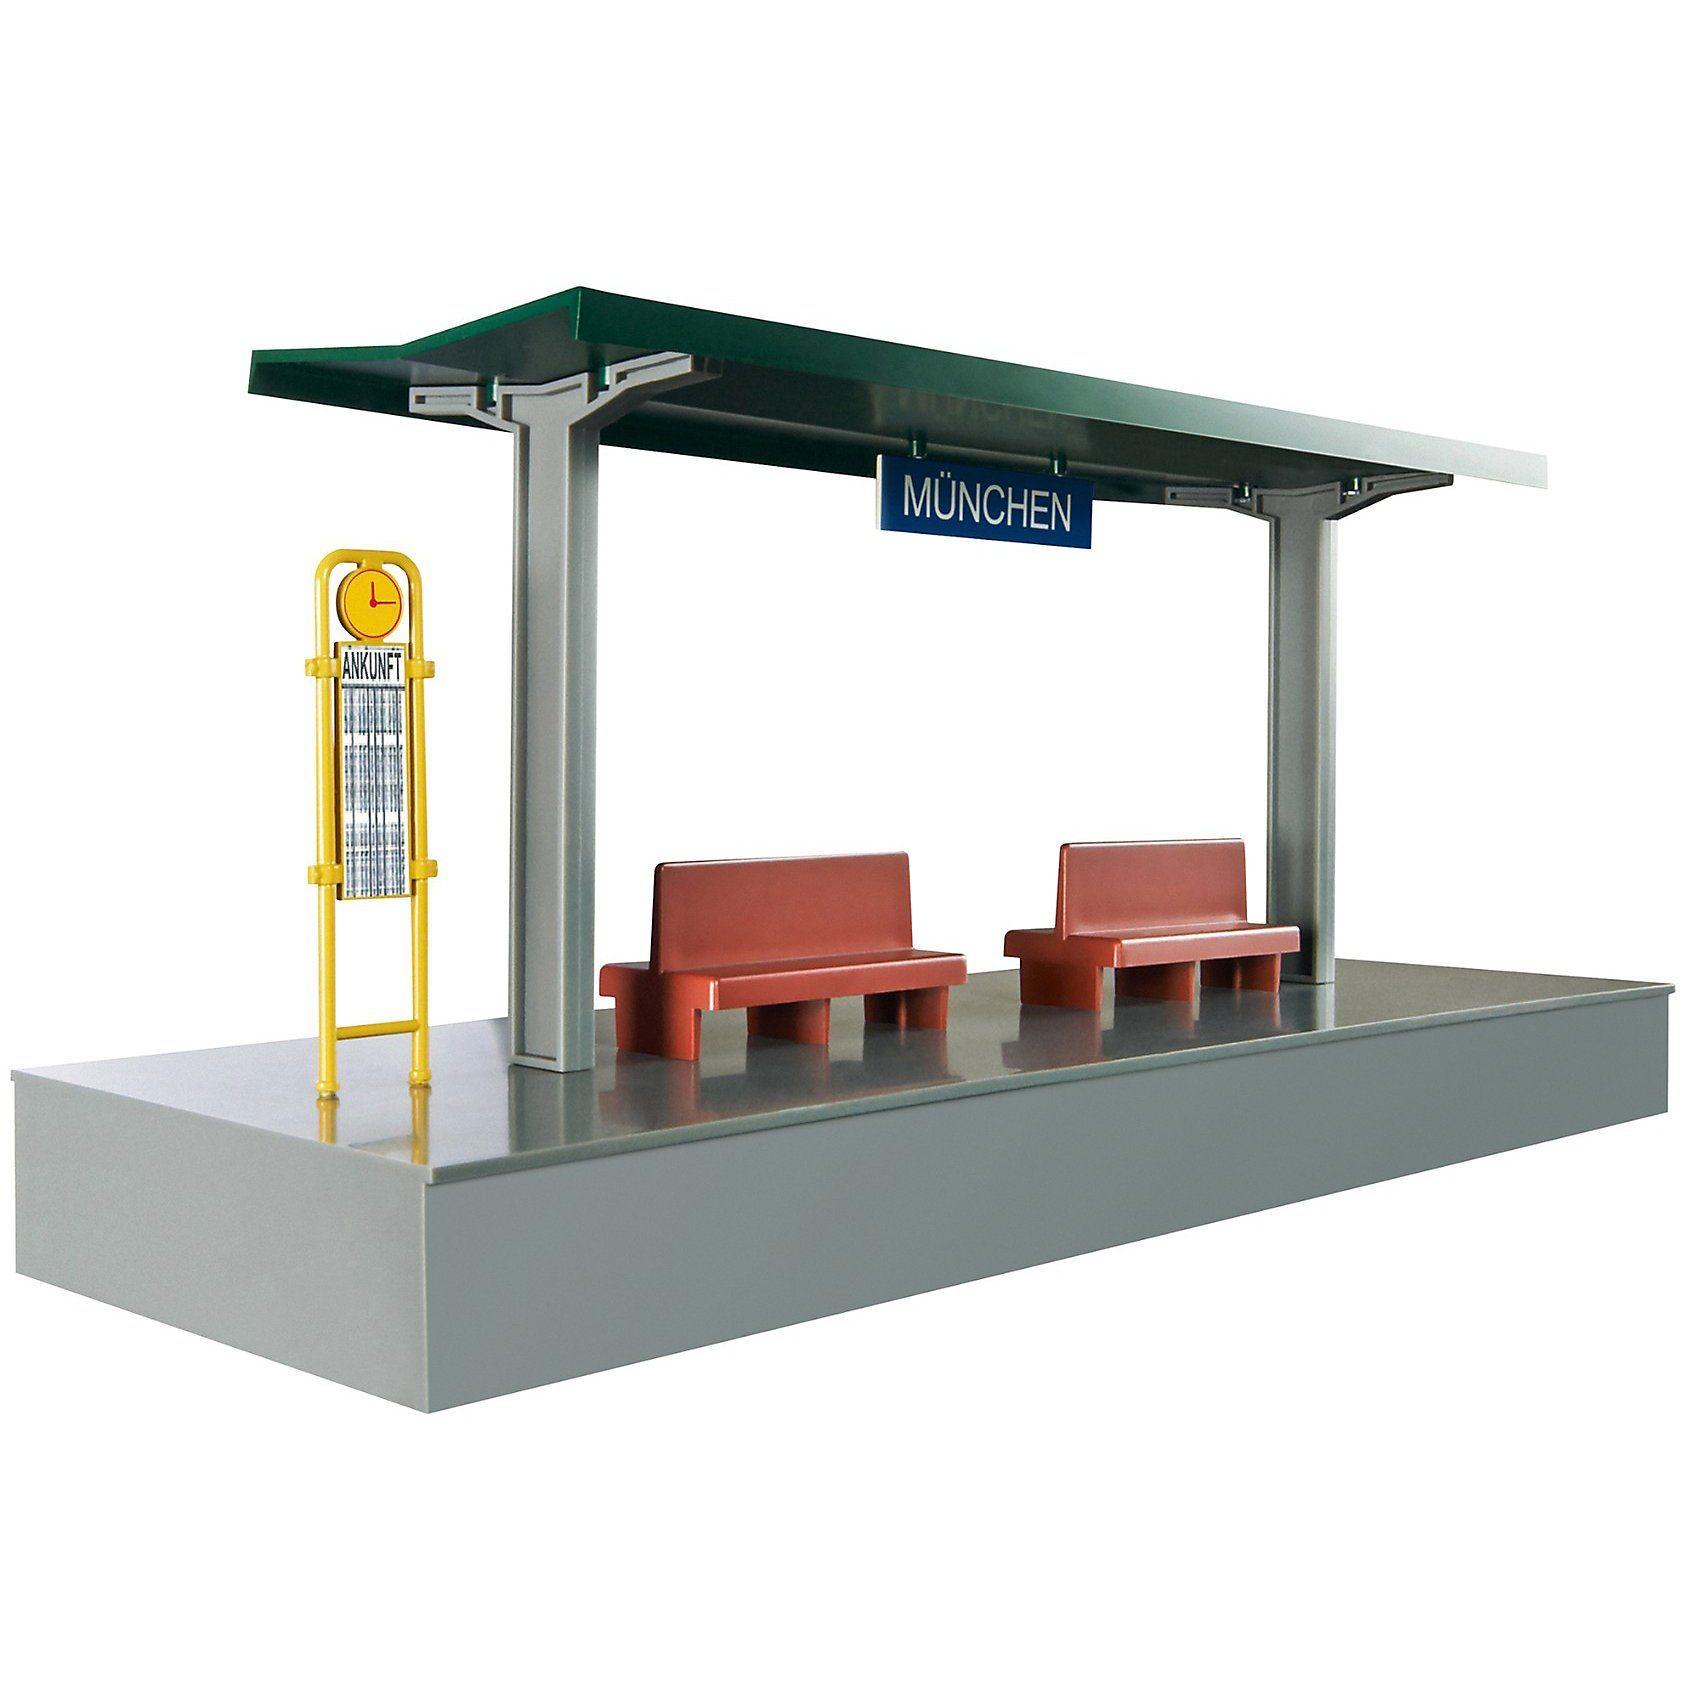 Märklin my world - 72200 Bahnsteig, steckbarer Bausatz